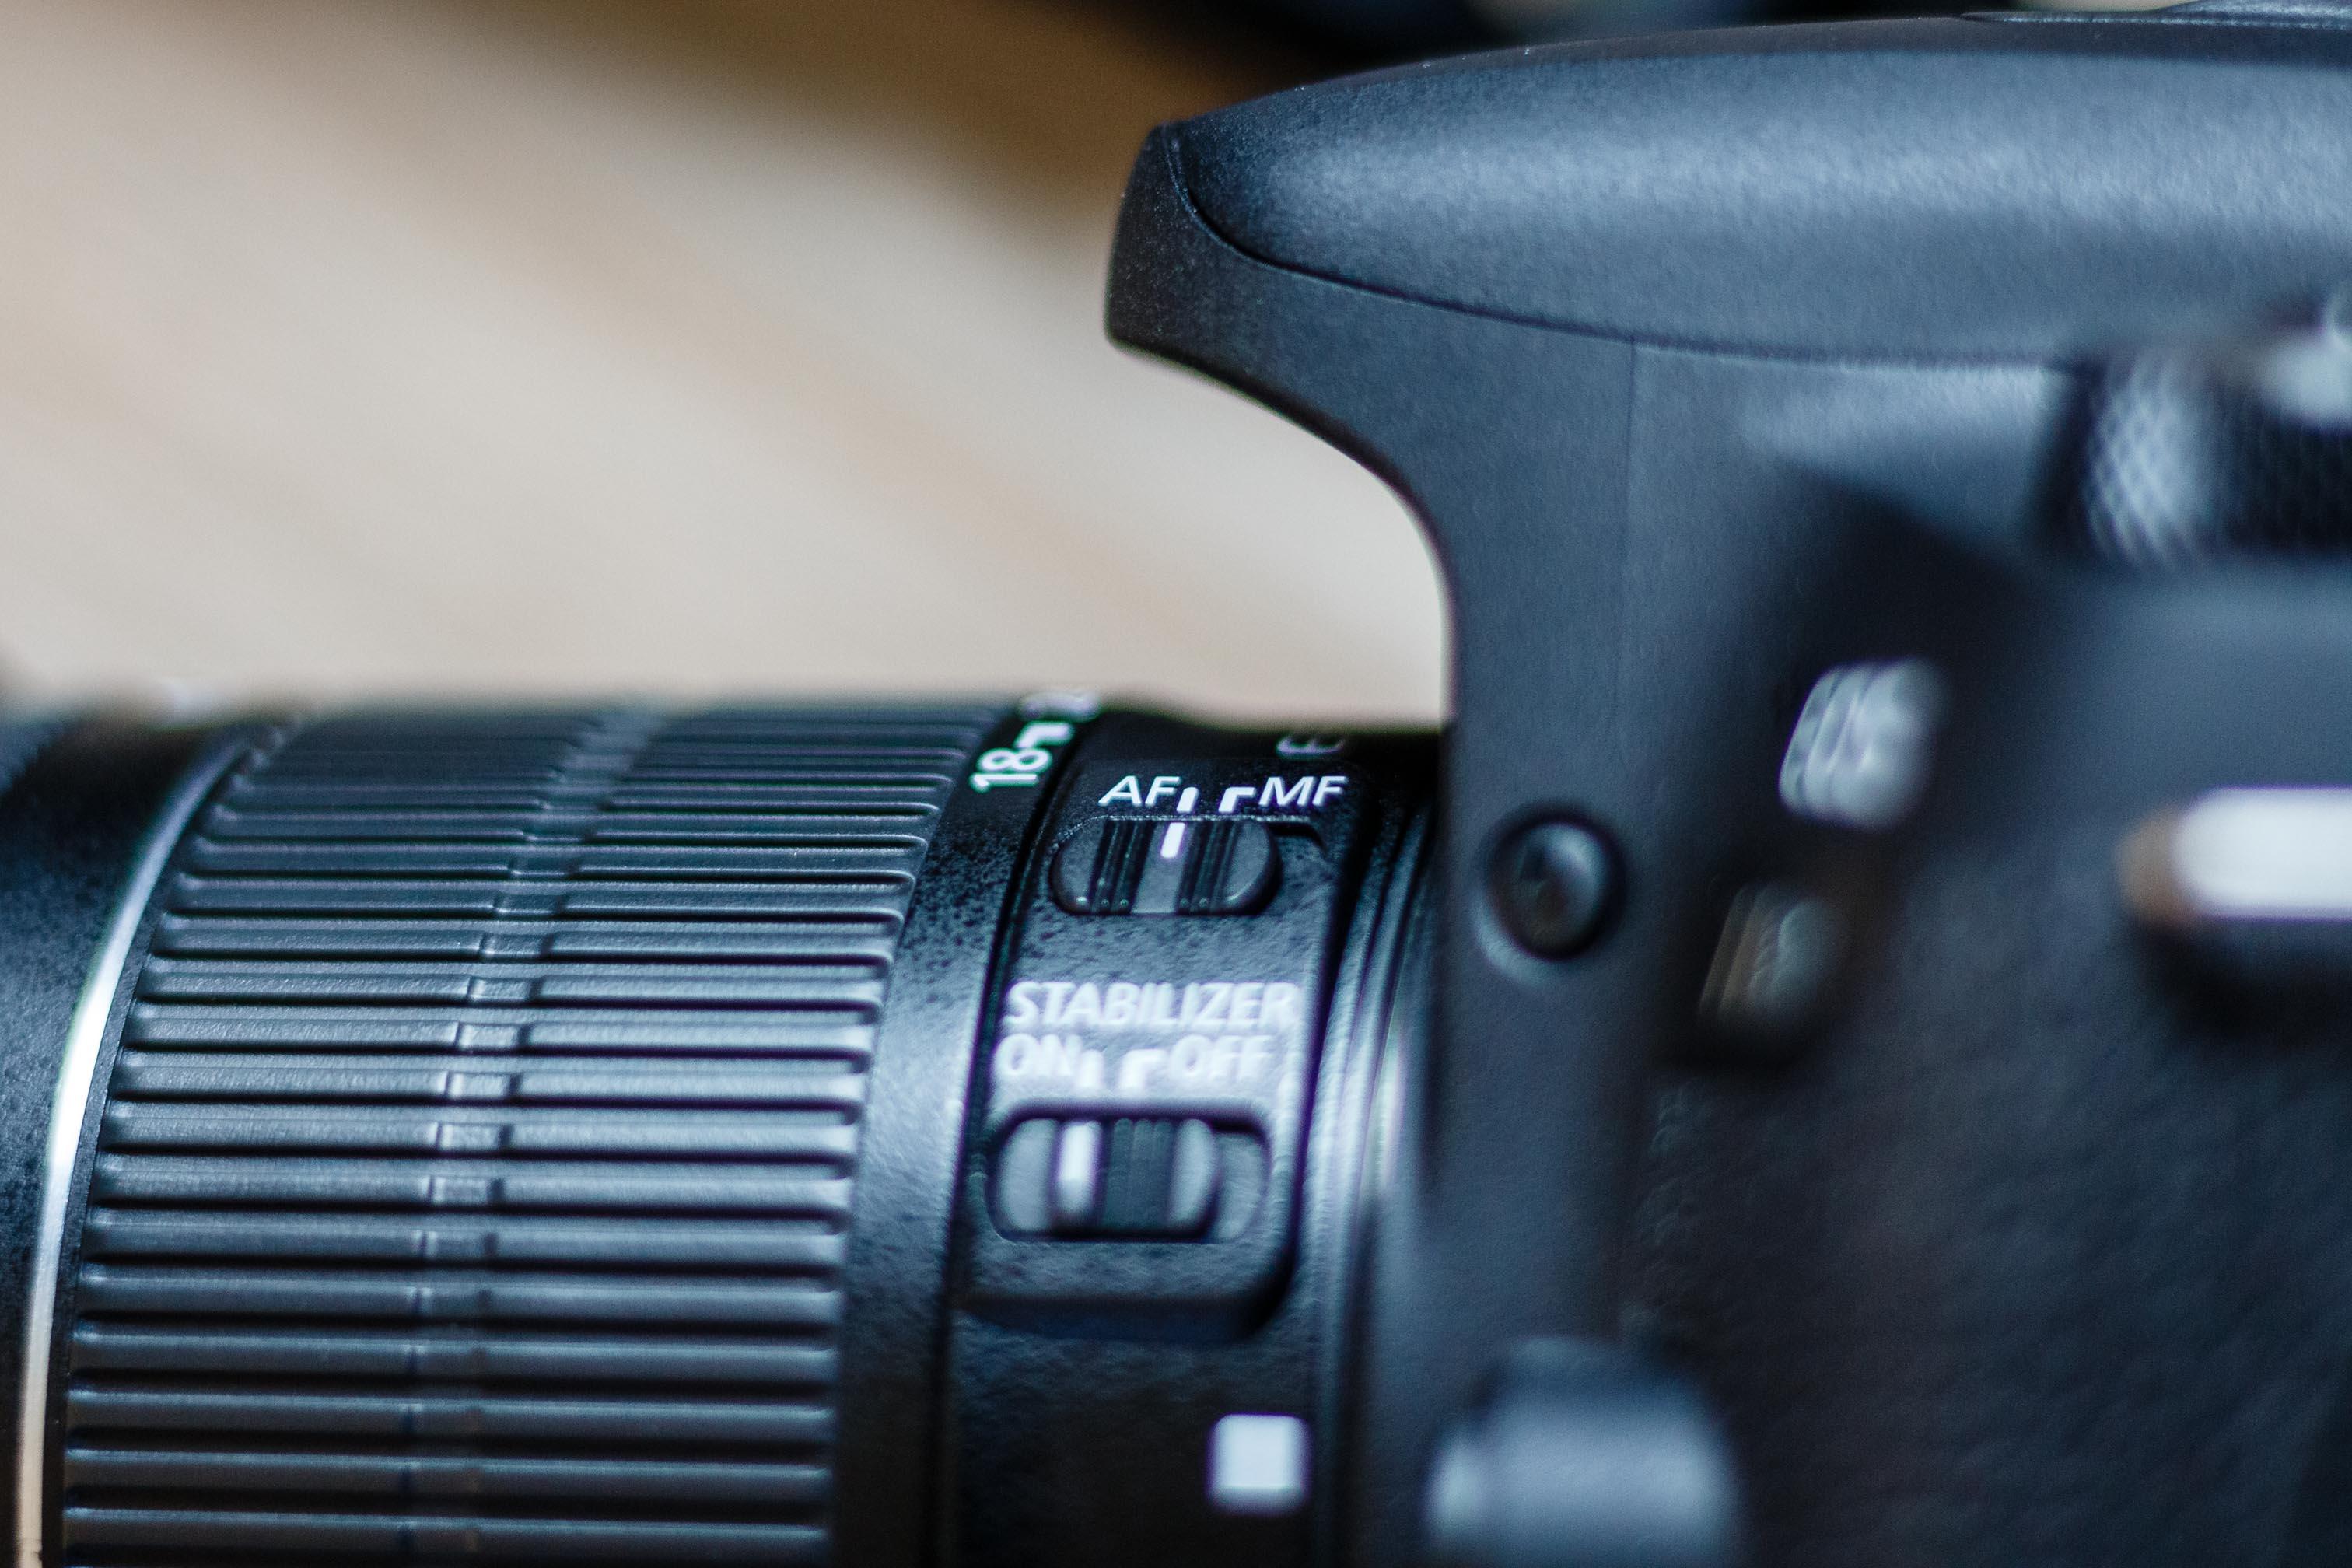 Es gibt nur wenige Kameras, die das Speichern im TIFF erlauben